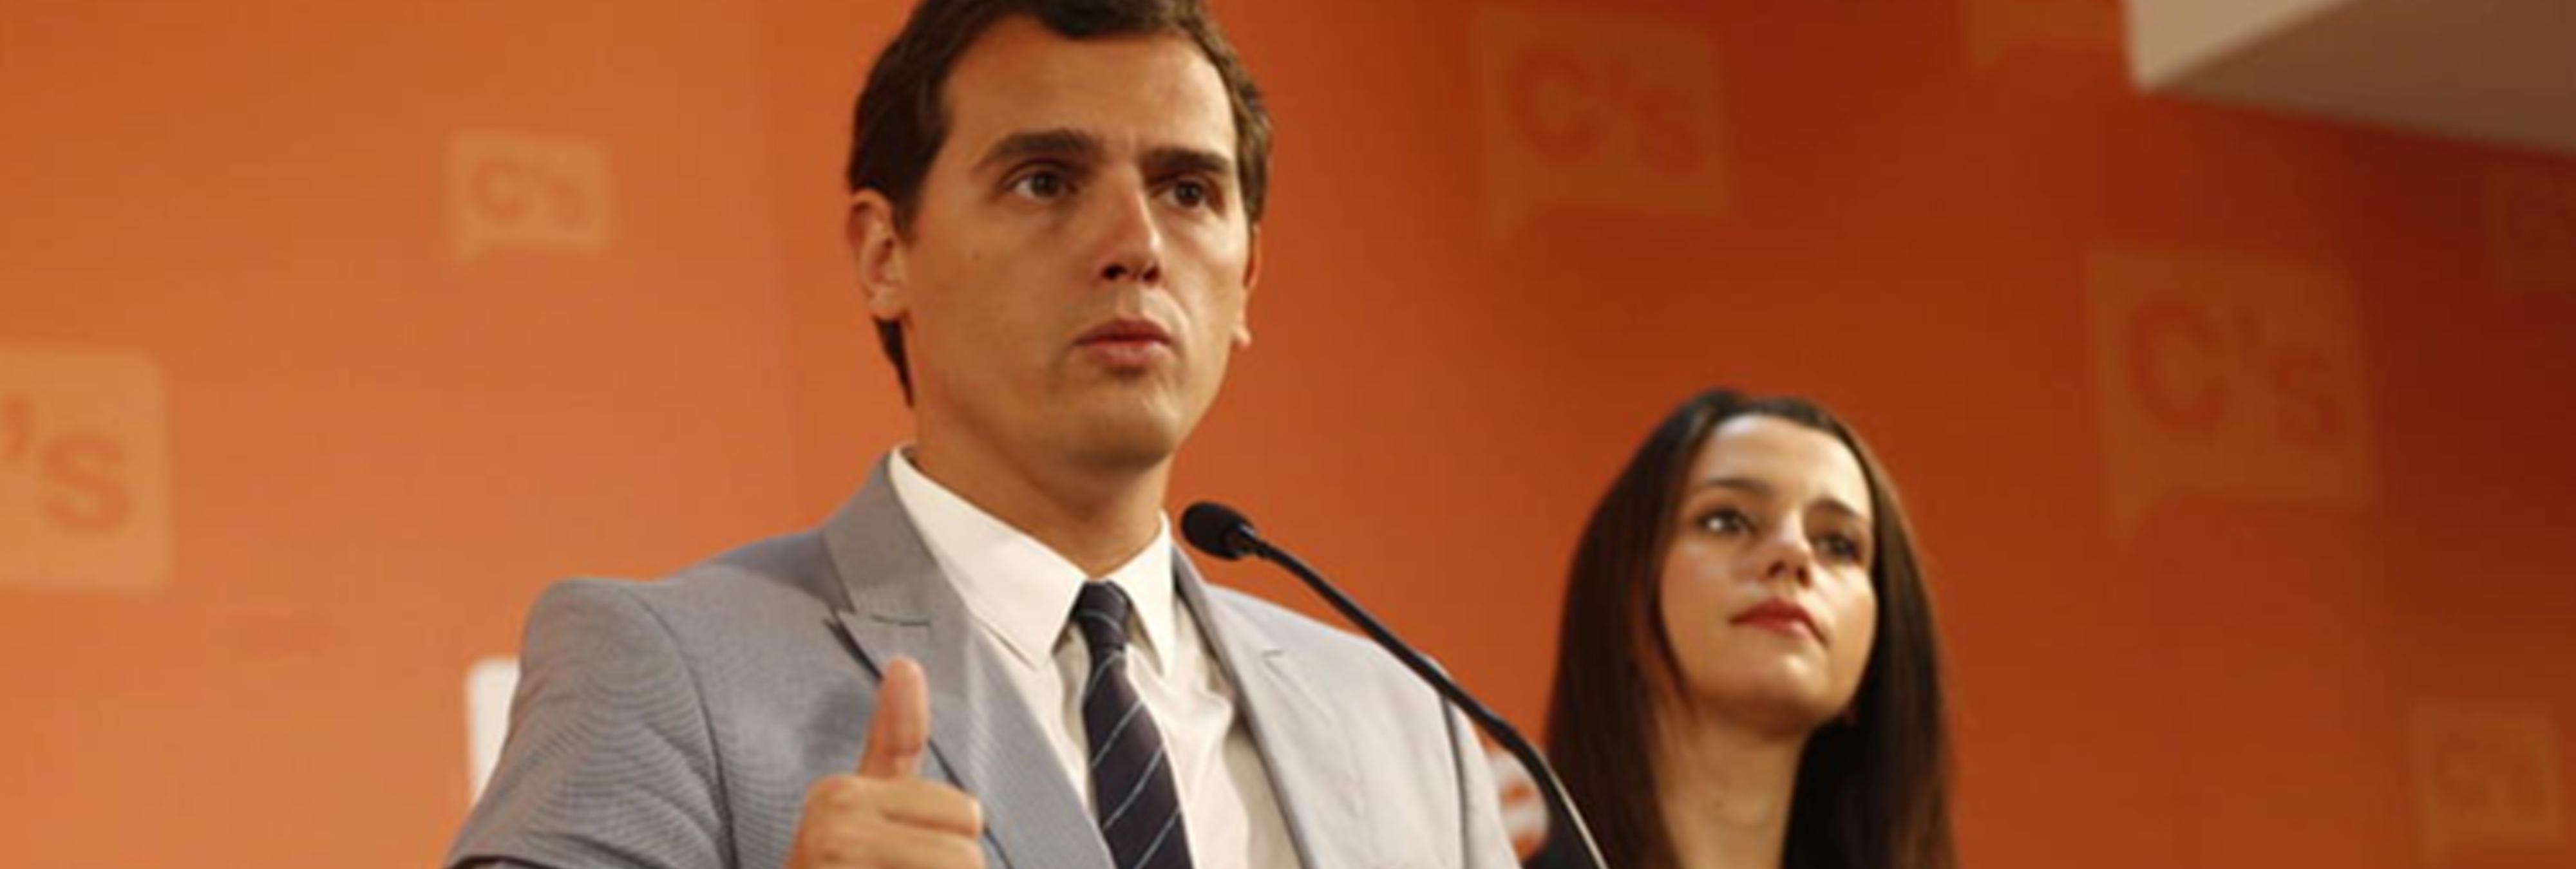 Ciudadanos ganaría rotundamente las elecciones a La Moncloa y se aleja del PP y PSOE